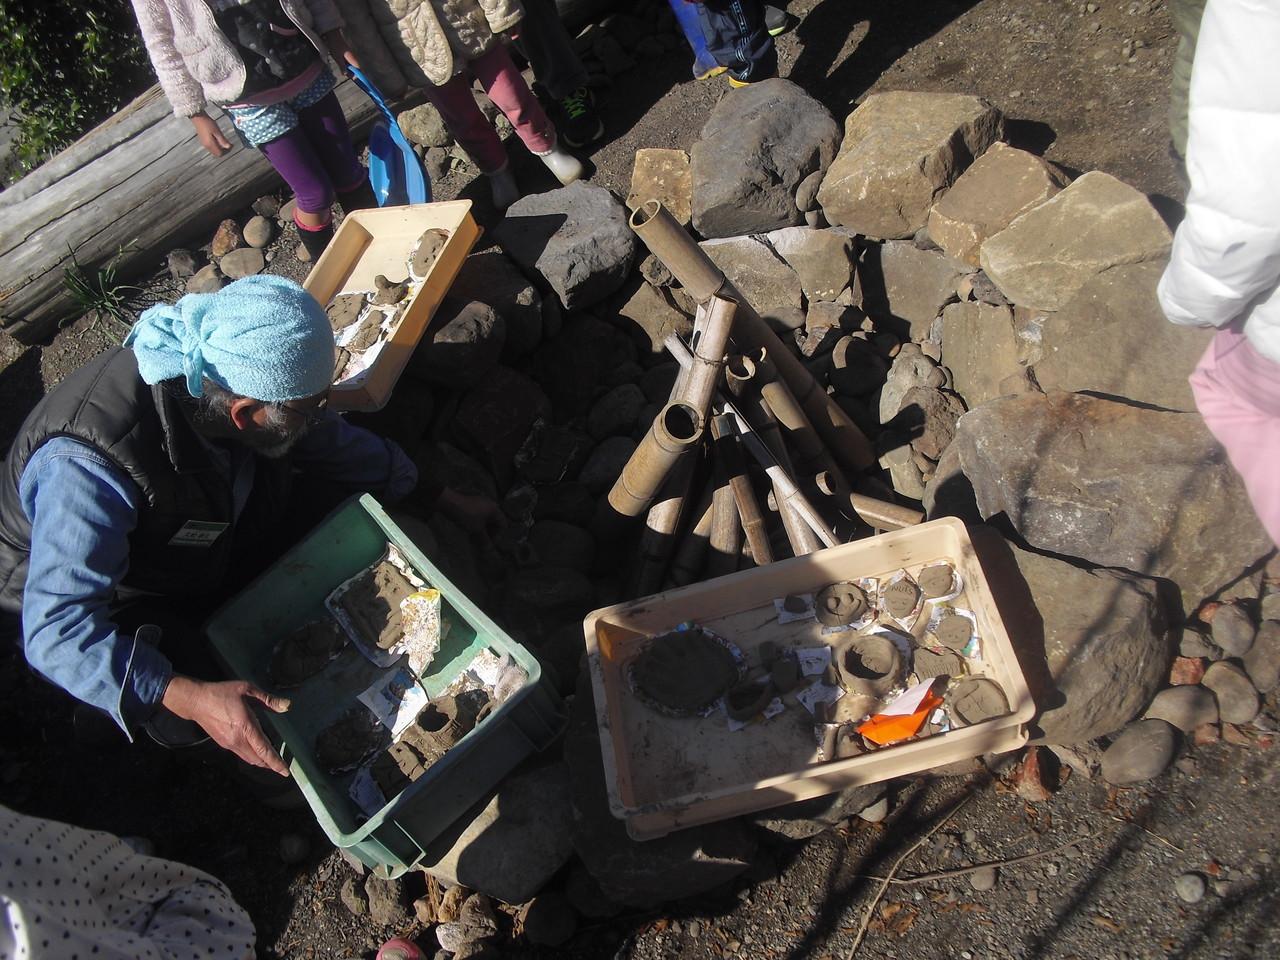 野焼きをするために久松さんがこの穴に石を並べて段を作り、作品を平らにおけるよう作り変えてくれました!